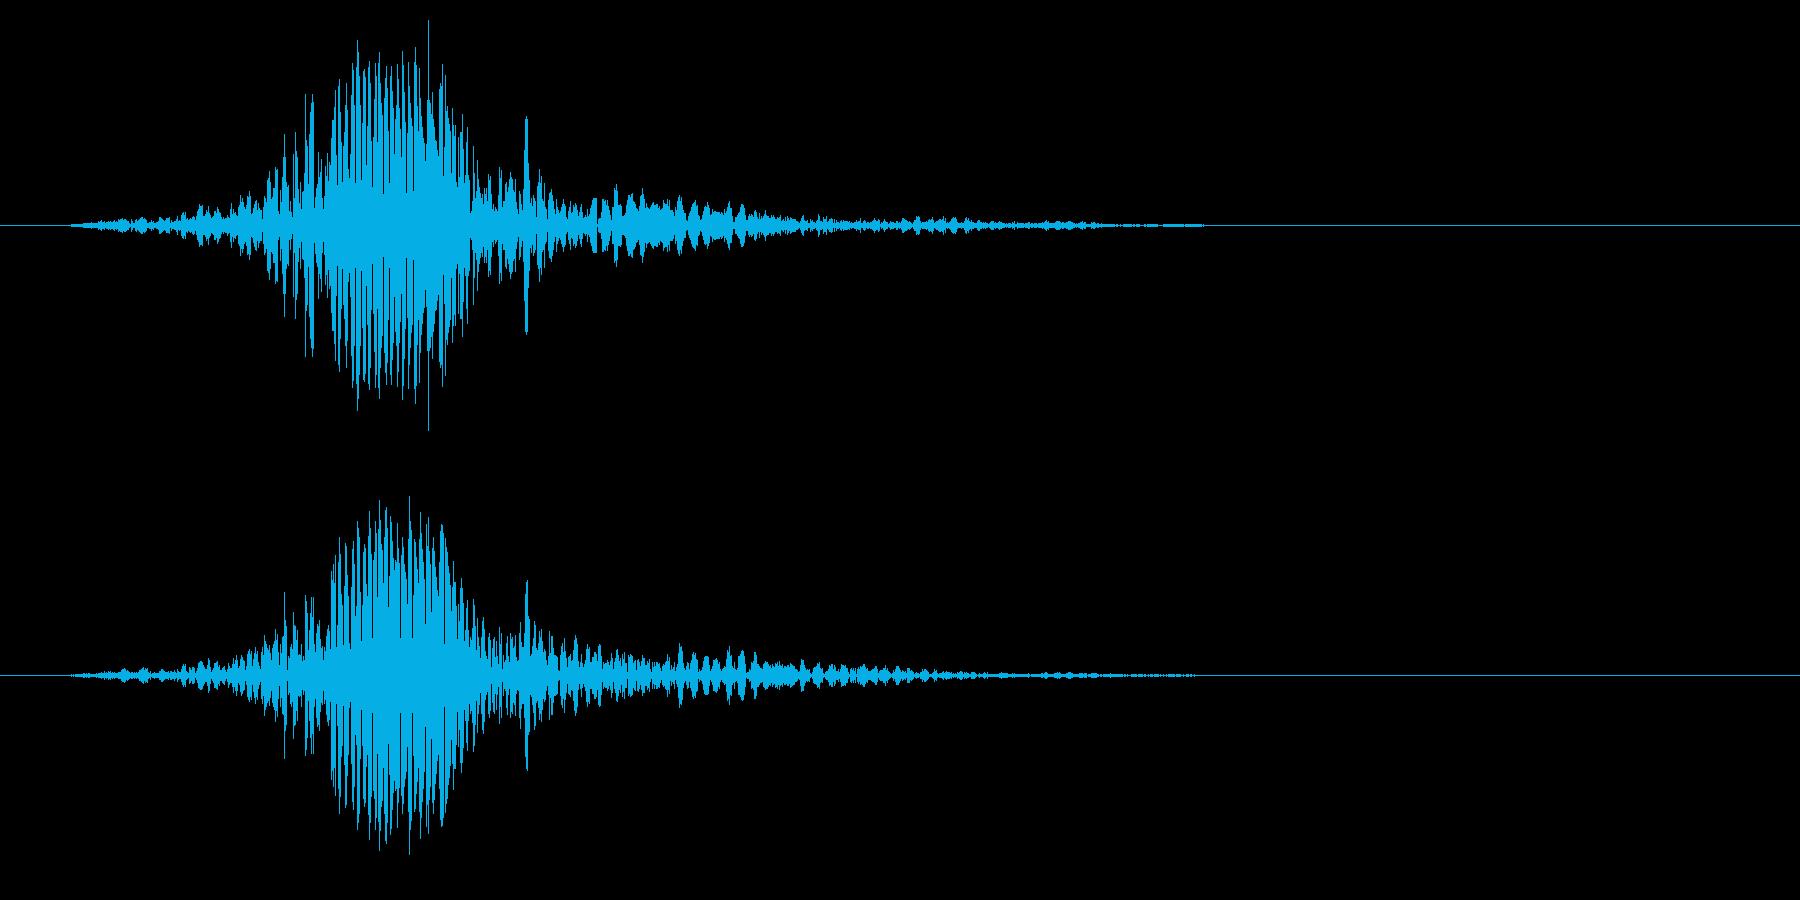 シュッ、という風を切るような効果音の再生済みの波形